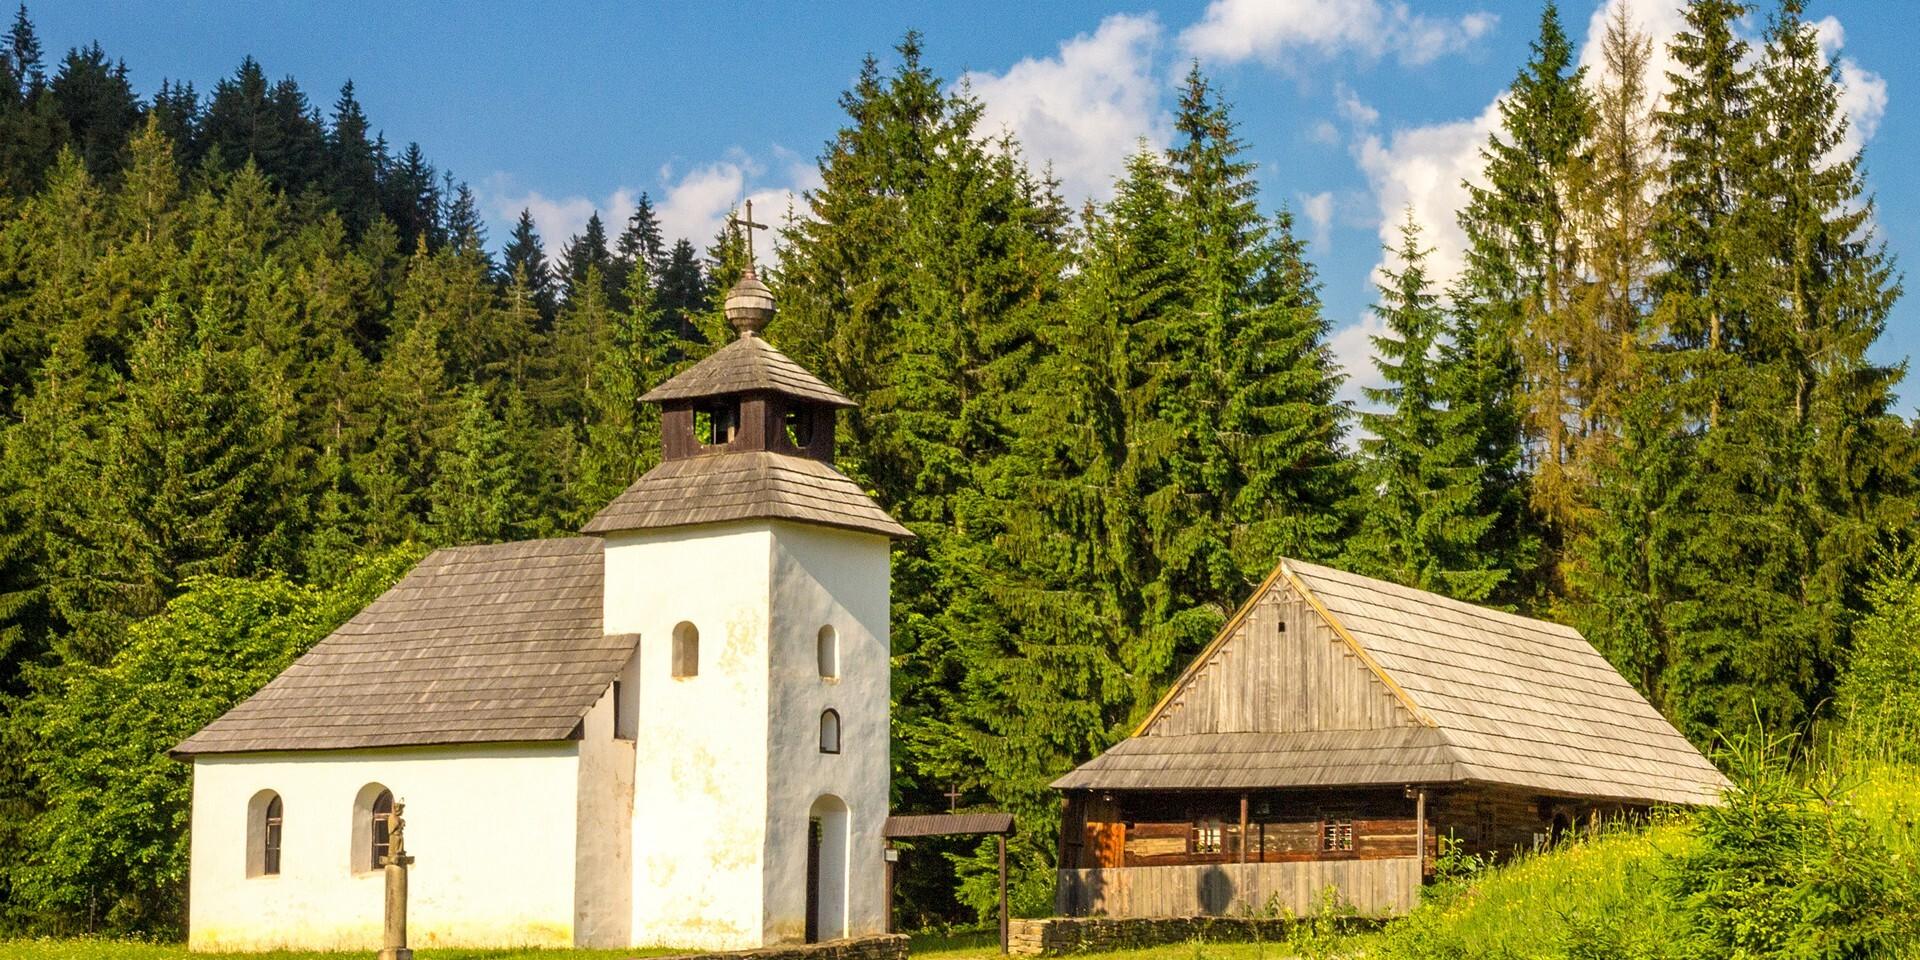 Vstupy do skanzenu Vychylovka s výjimečnou atmosférou a unikátním historickým úvraťovým vláčkem